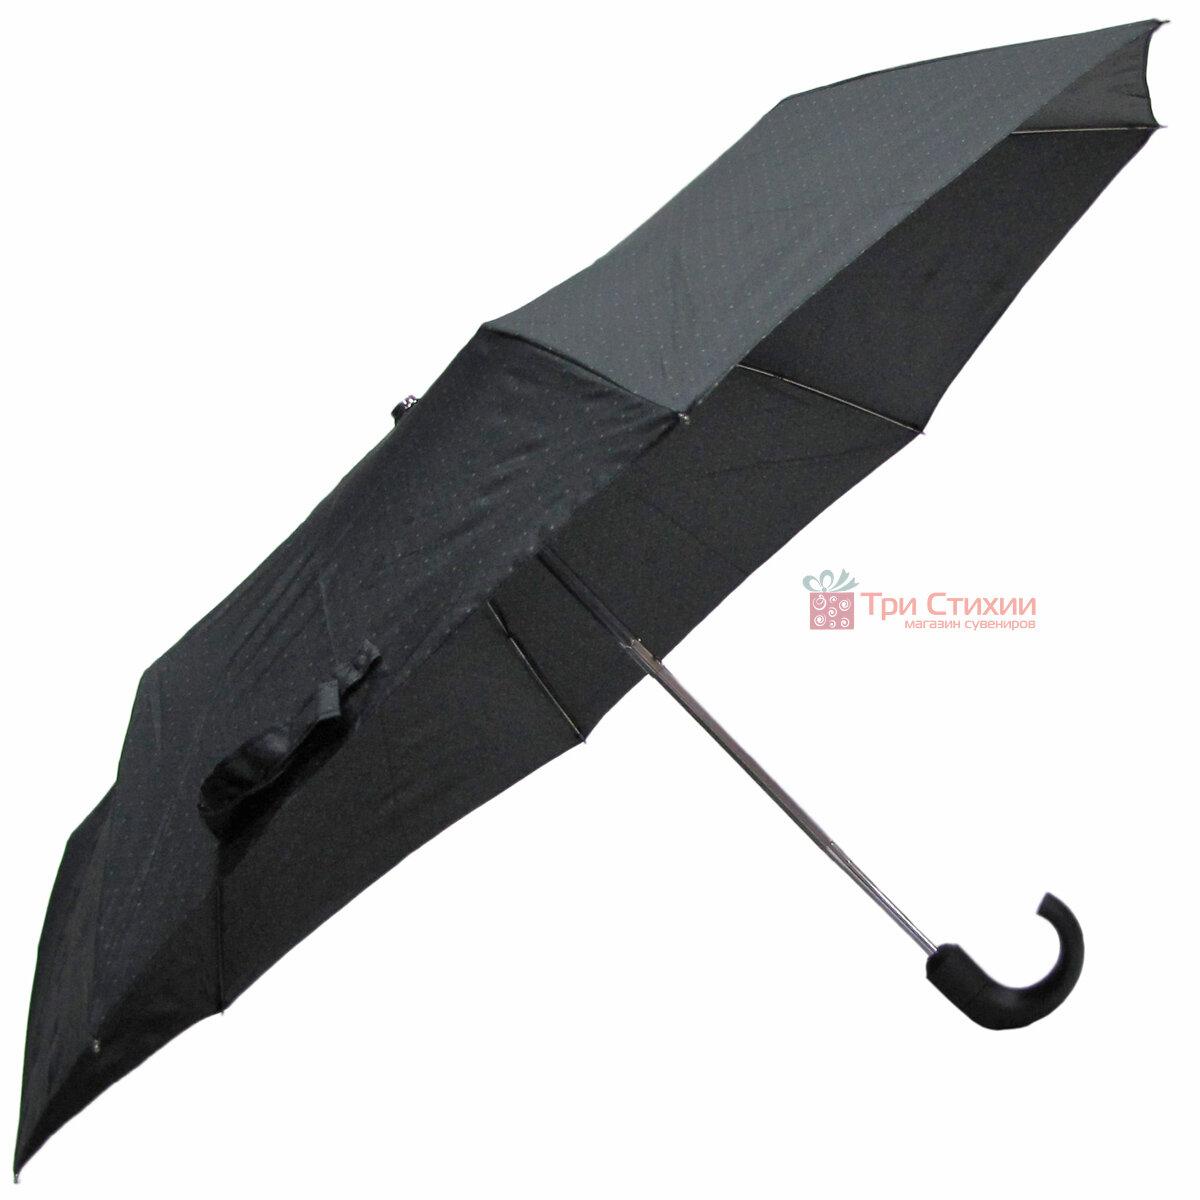 Зонт складной Doppler 74667G-1 полный автомат Ромбы, фото